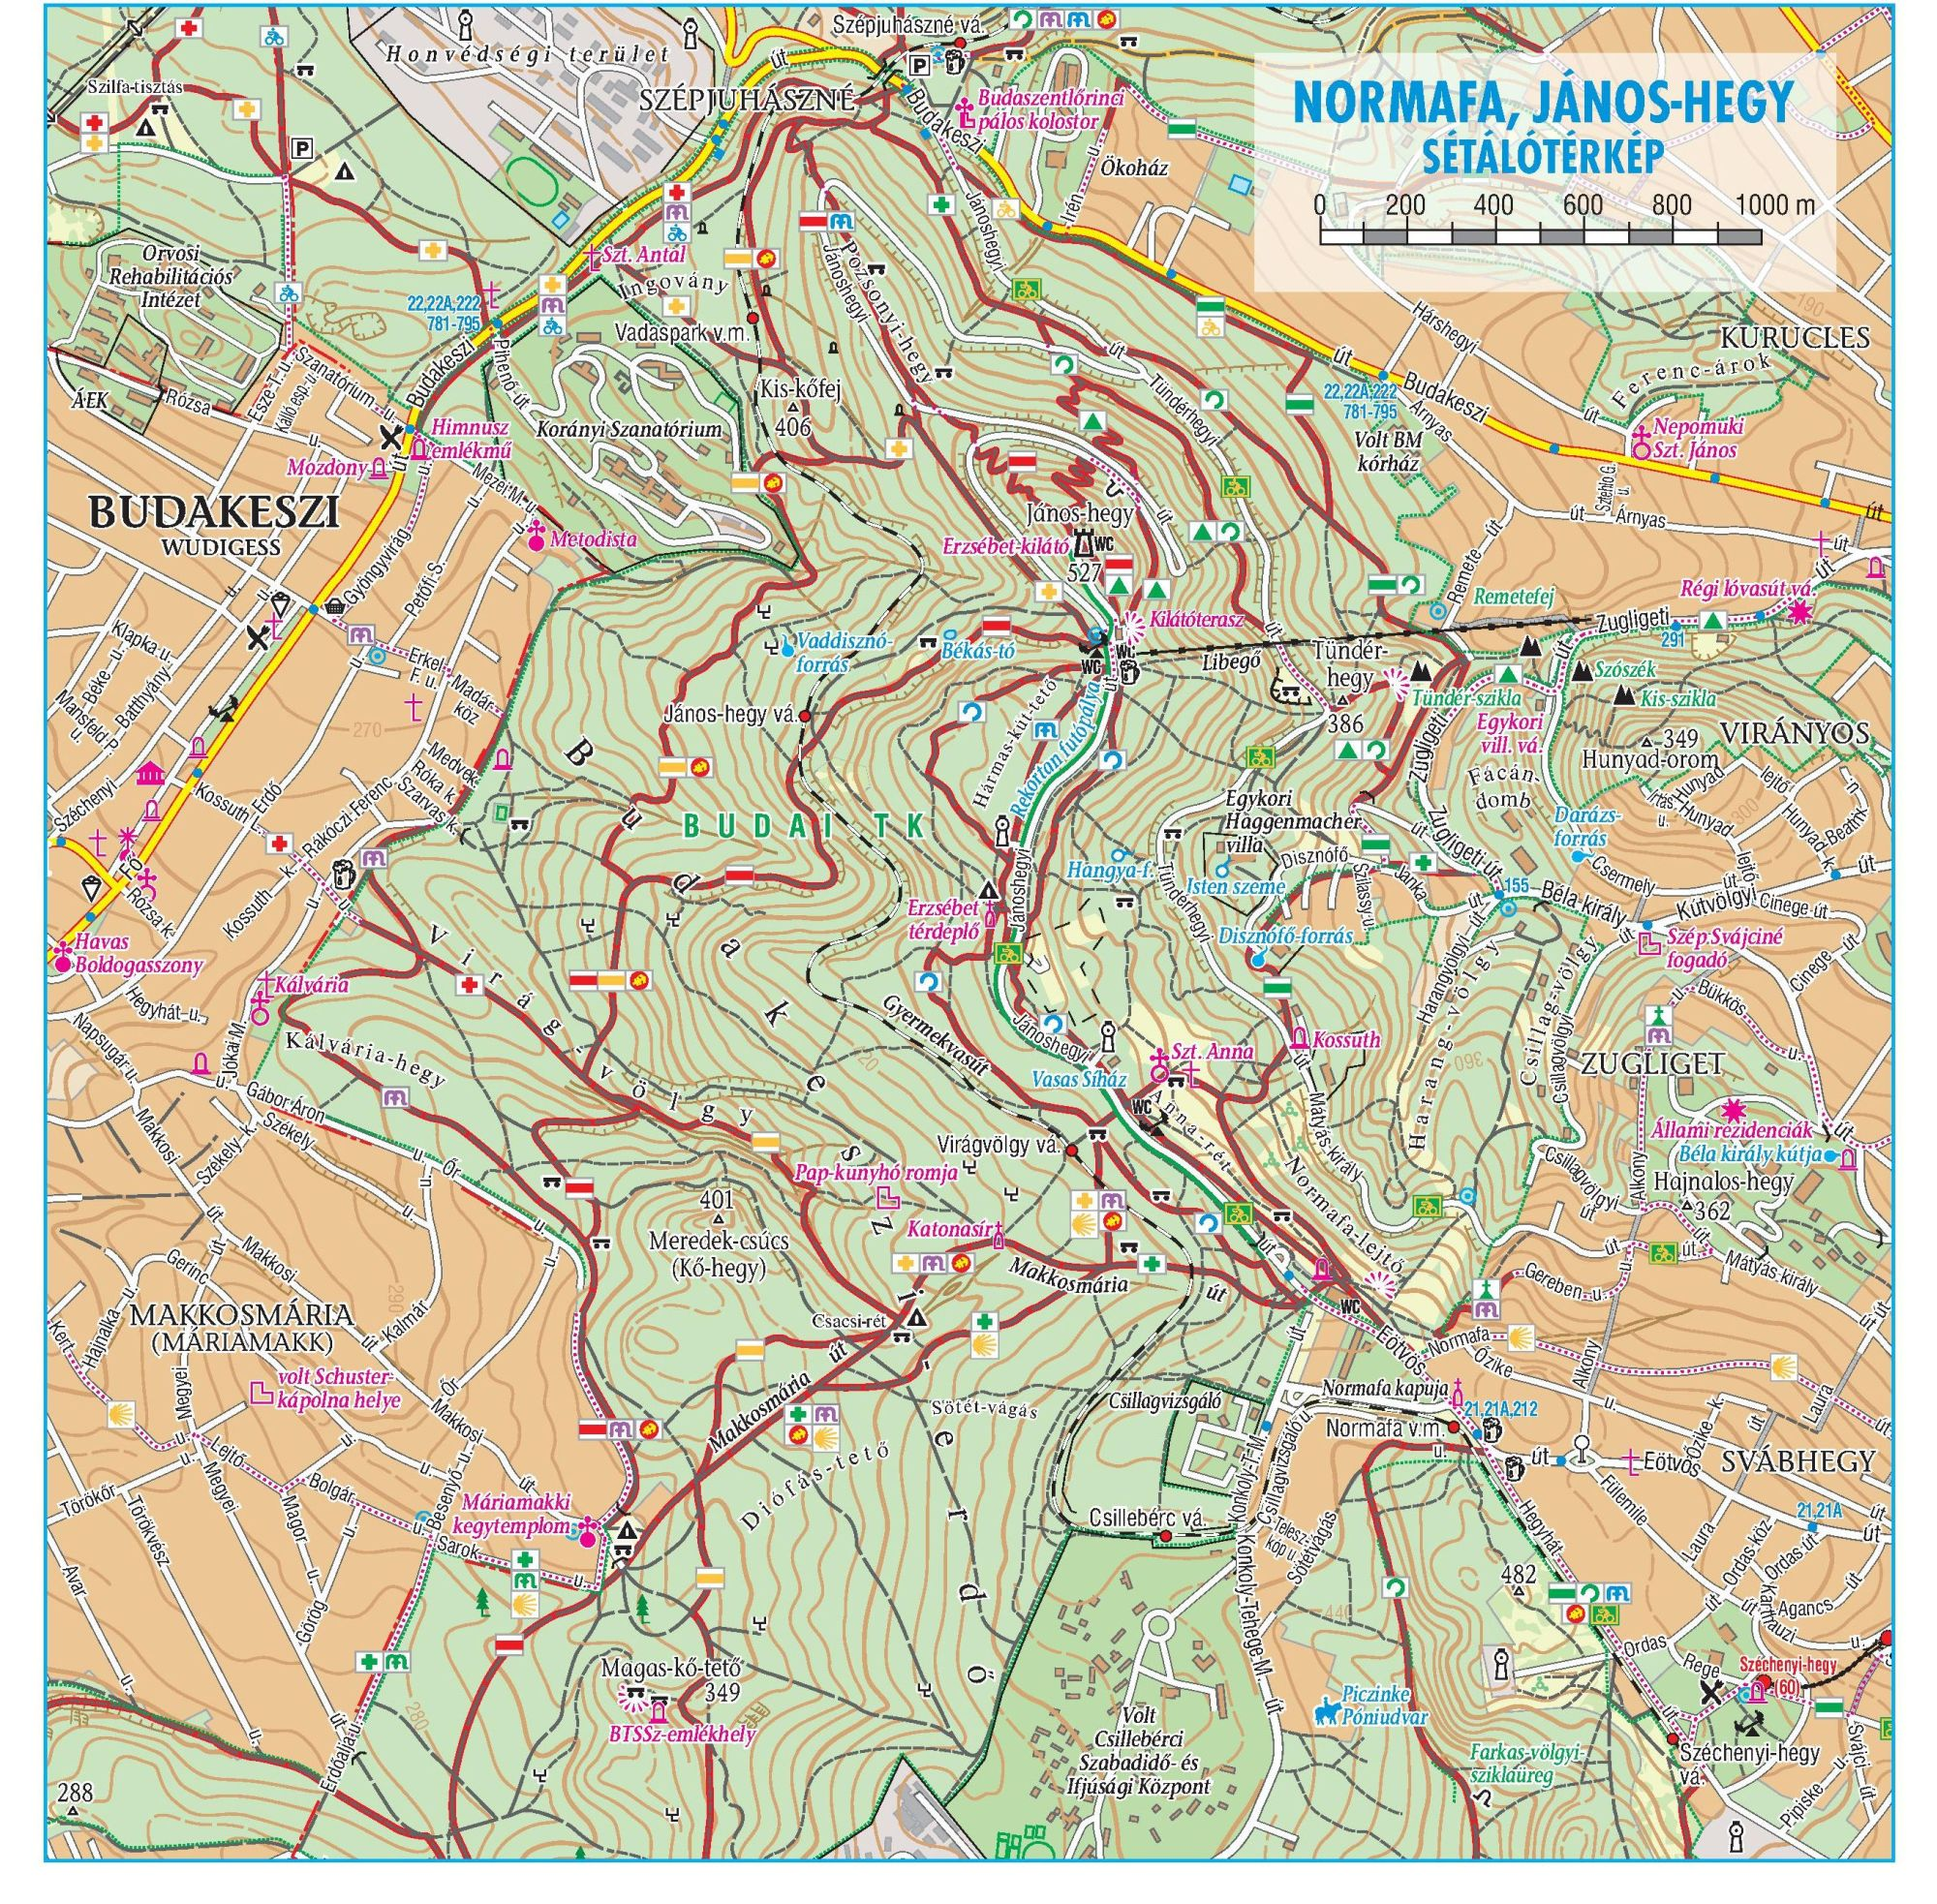 Budai-hg: Normafa-Jánoshegy sétálótérkép